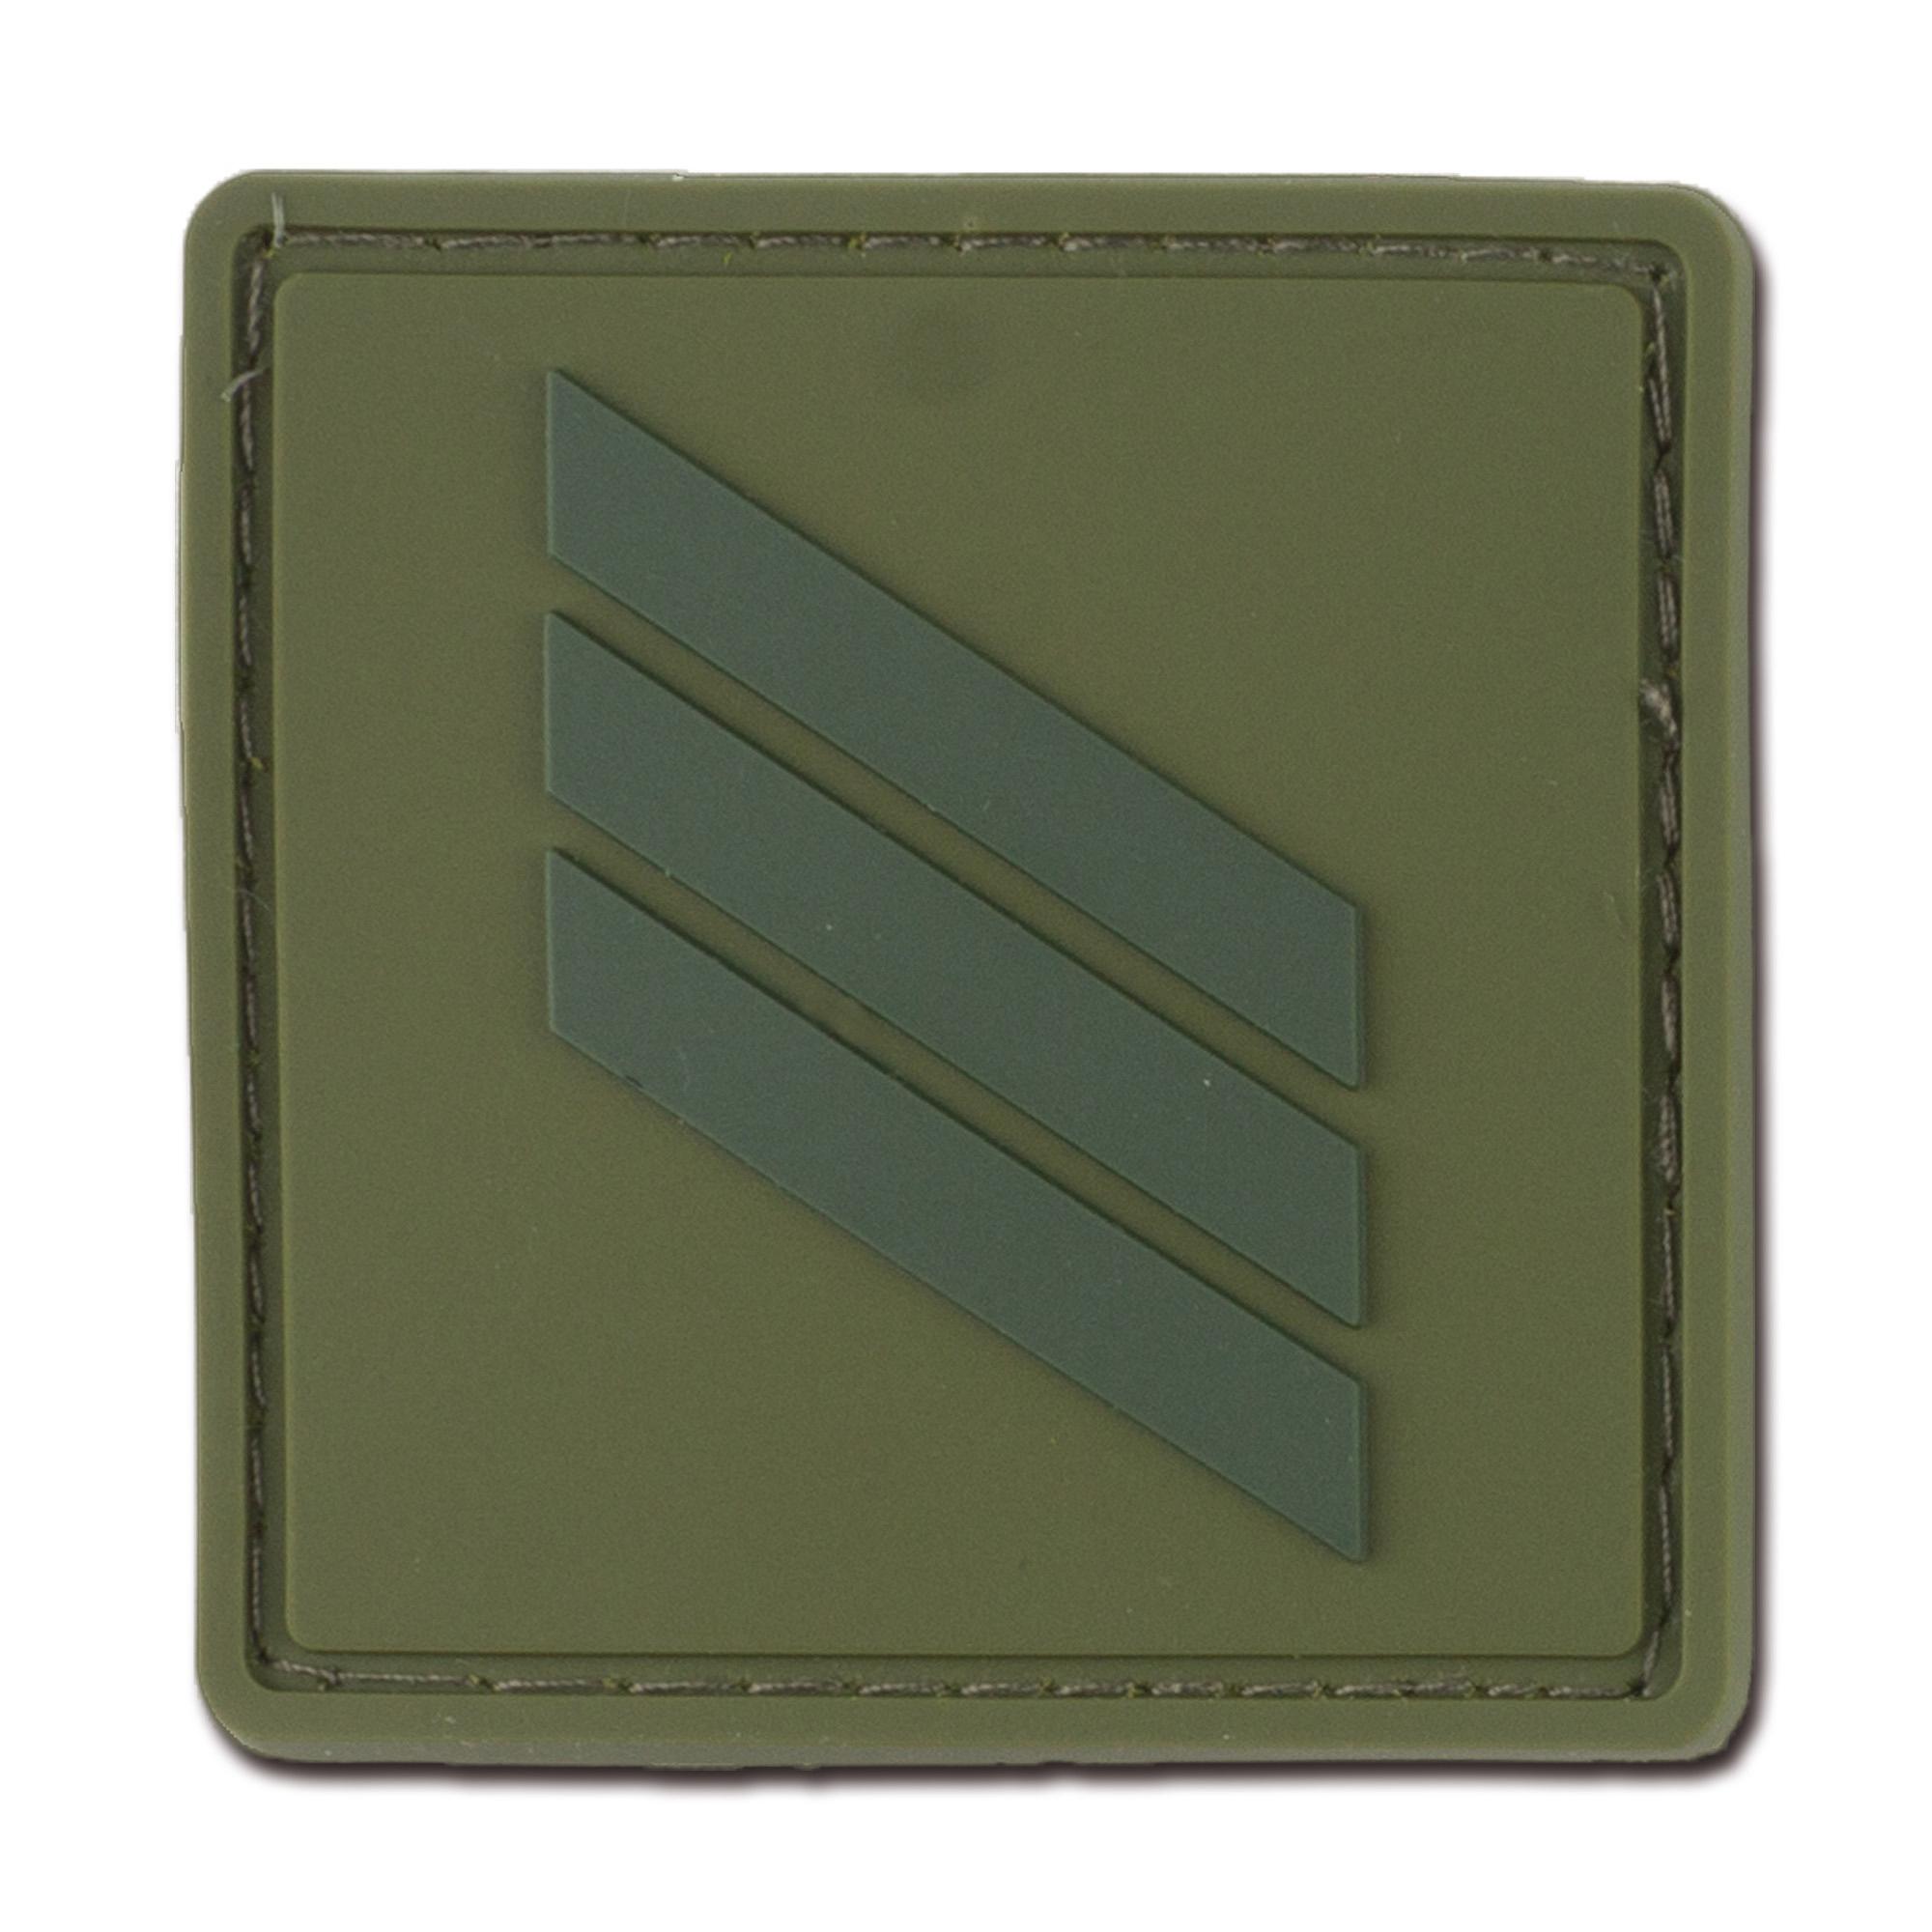 Dienstgradabzeichen Frankreich Sergent – chef oliv tarn